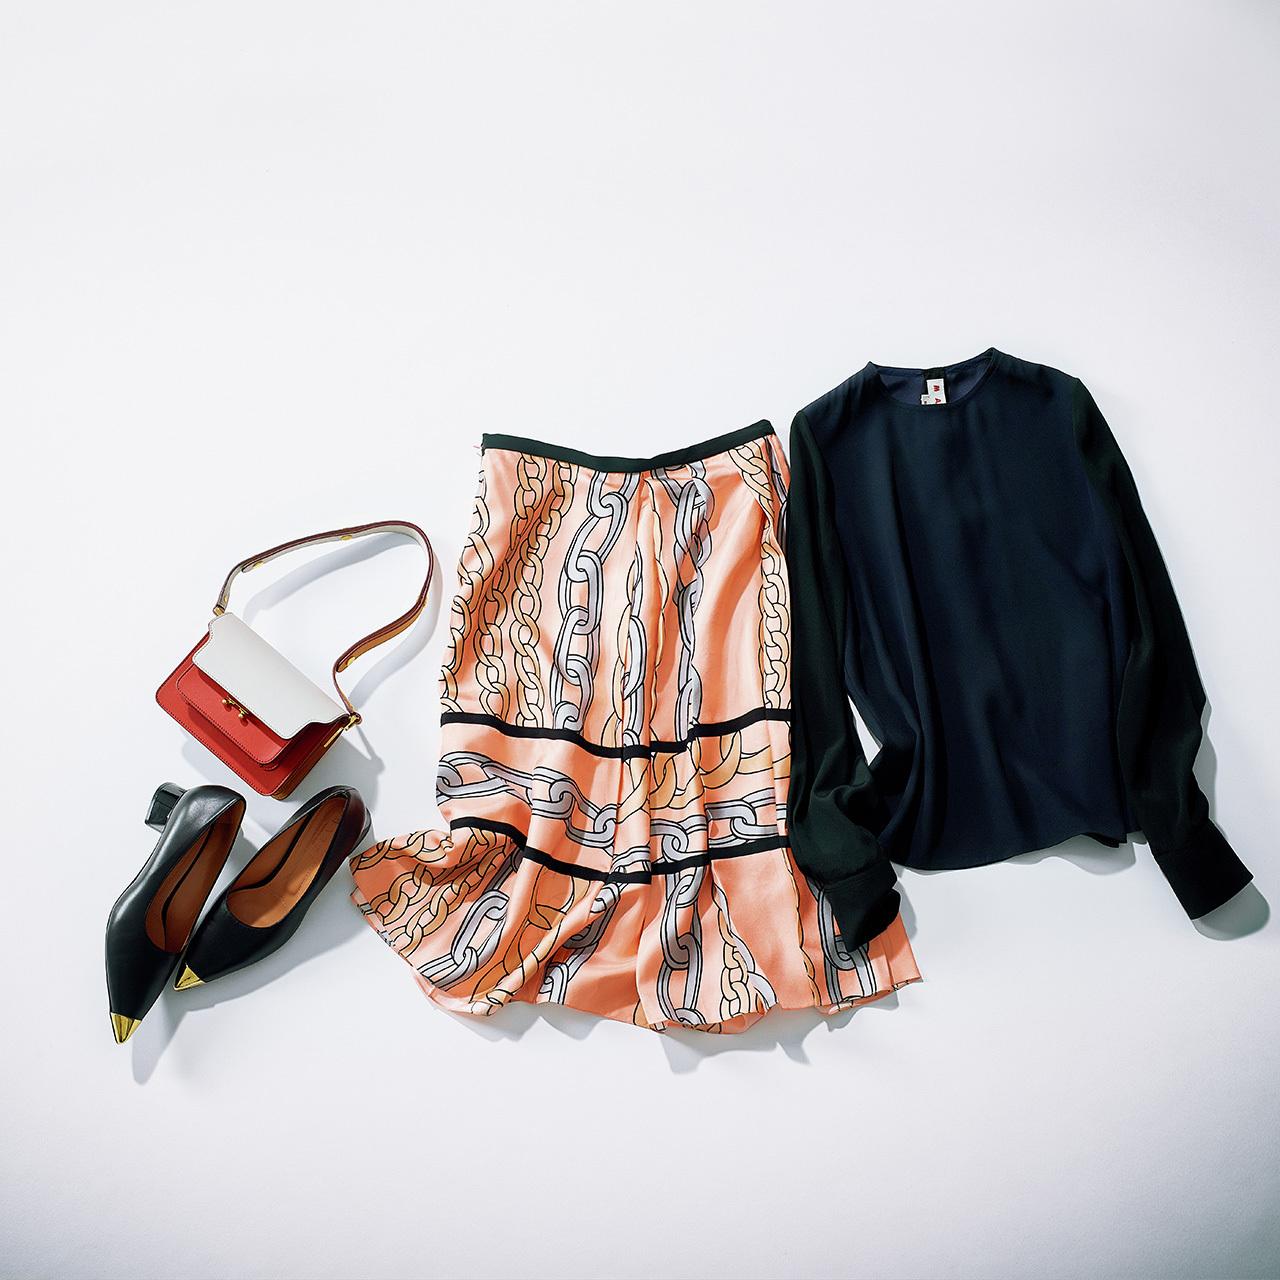 ひとり1ブランド推薦。着るだけで気分が上がる「最愛ブランド服」 五選_1_1-5